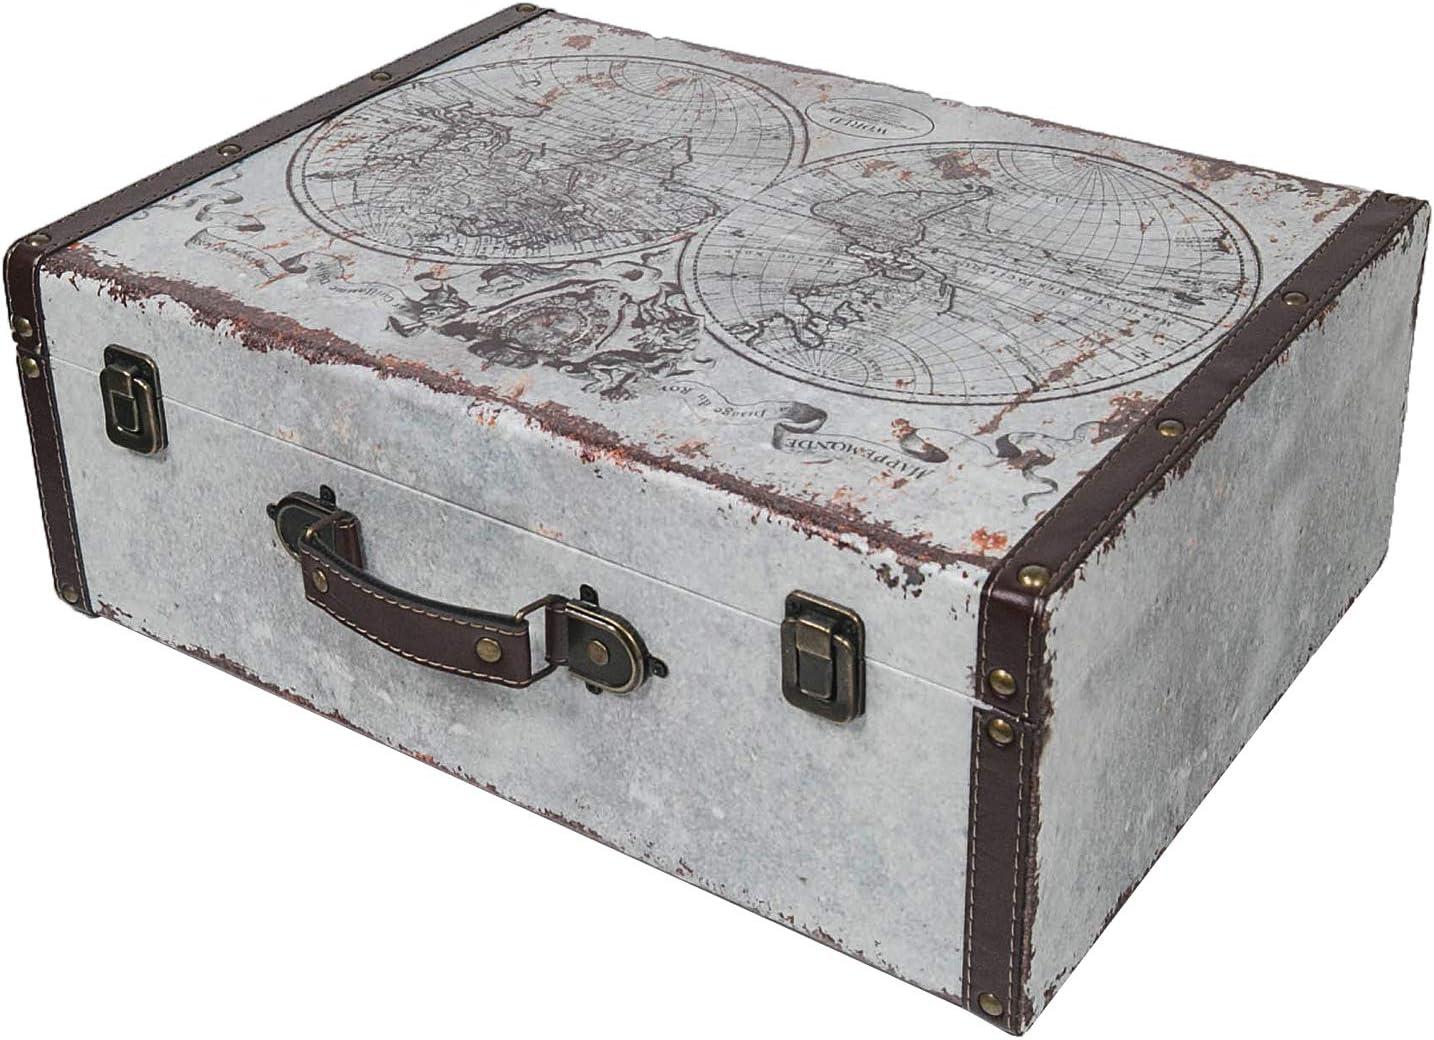 HMF 6430-144 Maleta Vintage de Madera | 44 x 32 x 16 cm | Grande | Decoración Mapa Mundial: Amazon.es: Hogar